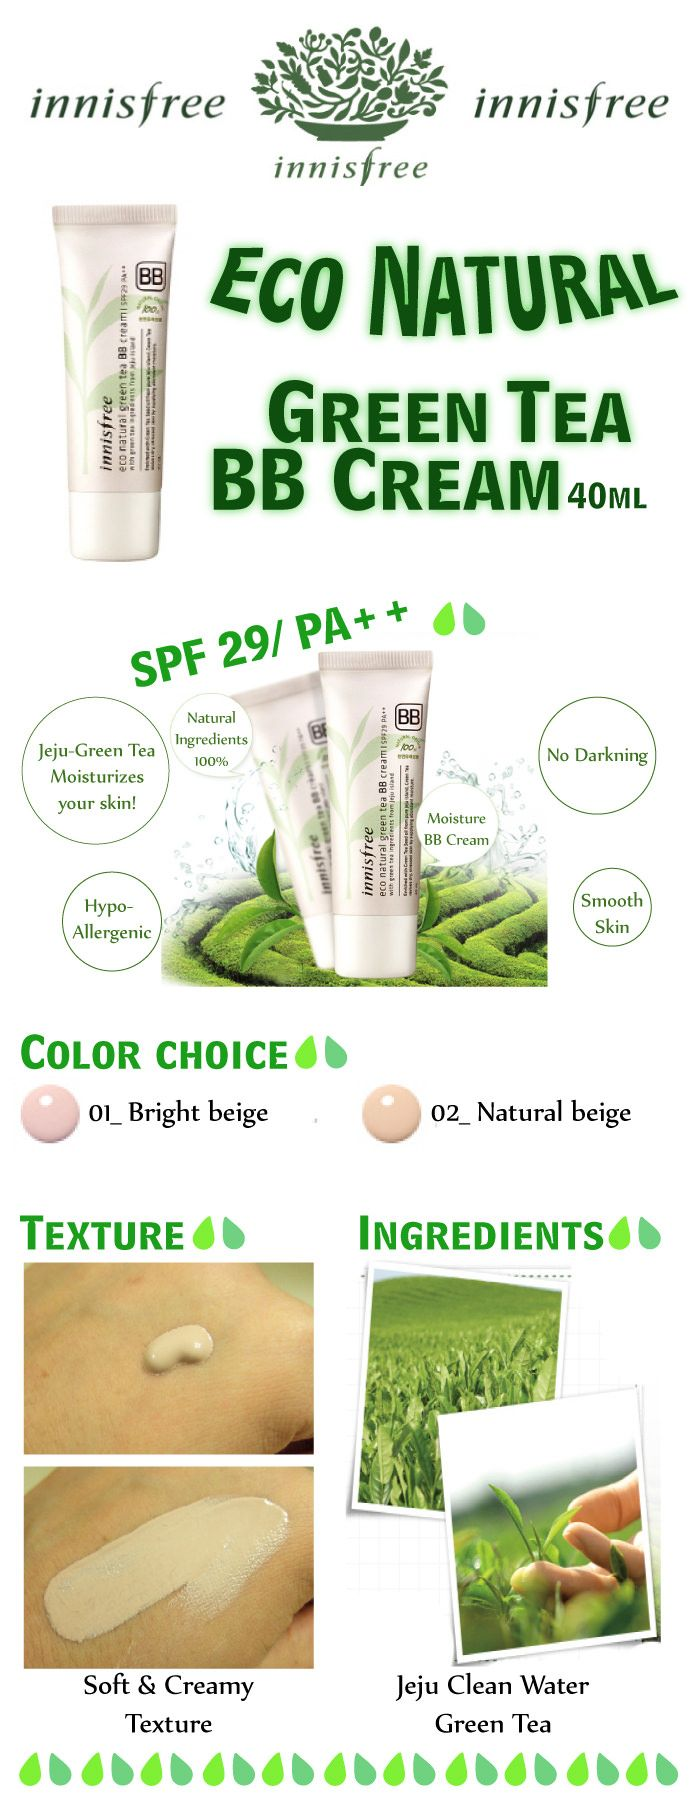 Achetez en ligne INNISFREE Eco natural Green tea BB Cream SPF29PA ++ 40 ml dans la boutique maBBcrème avec livraison offerte dès 60€ et échantillons offerts !